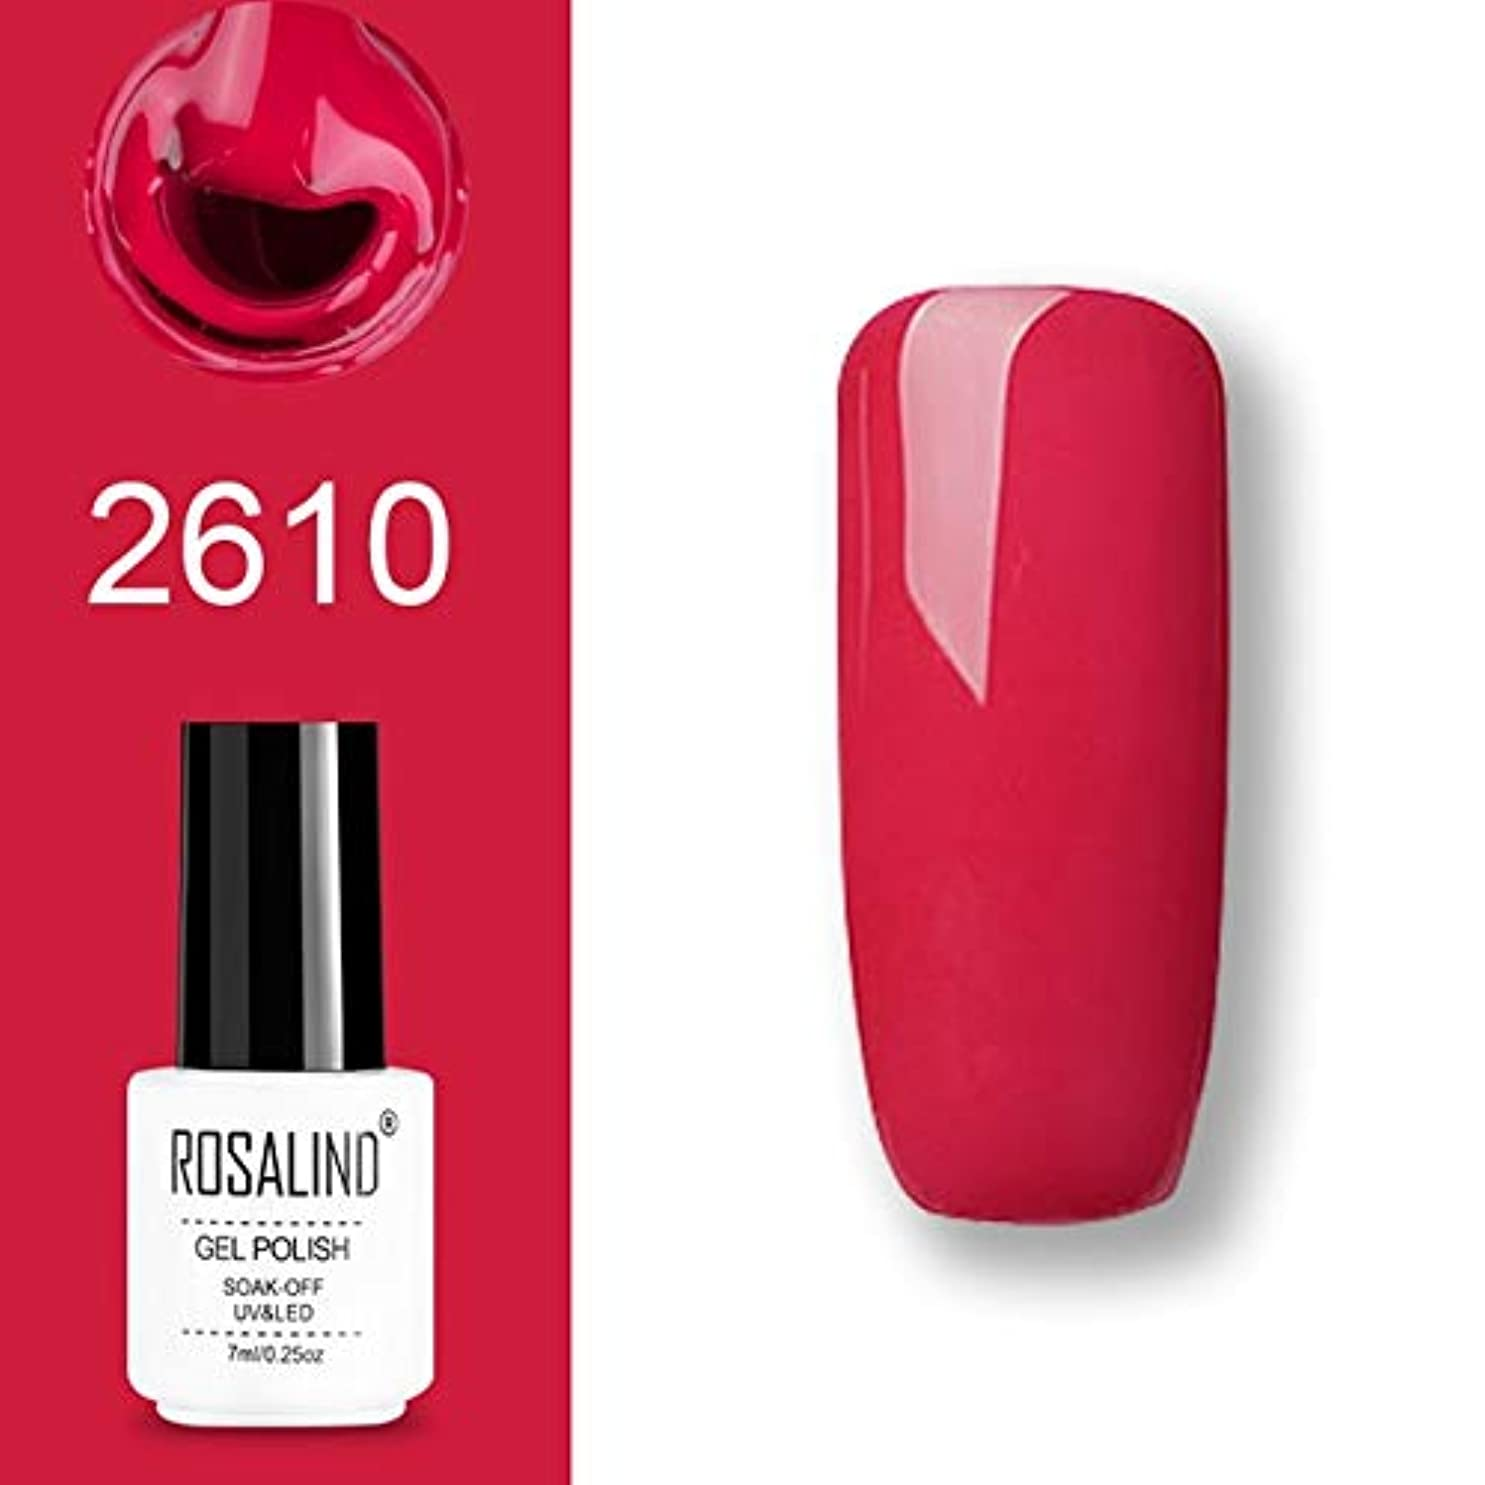 判読できない疑い者美容師ファッションアイテム ROSALINDジェルポリッシュセットUV半永久プライマートップコートポリジェルニスネイルアートマニキュアジェル、容量:7ml 2610ジェルネイルポリッシュ 環境に優しいマニキュア